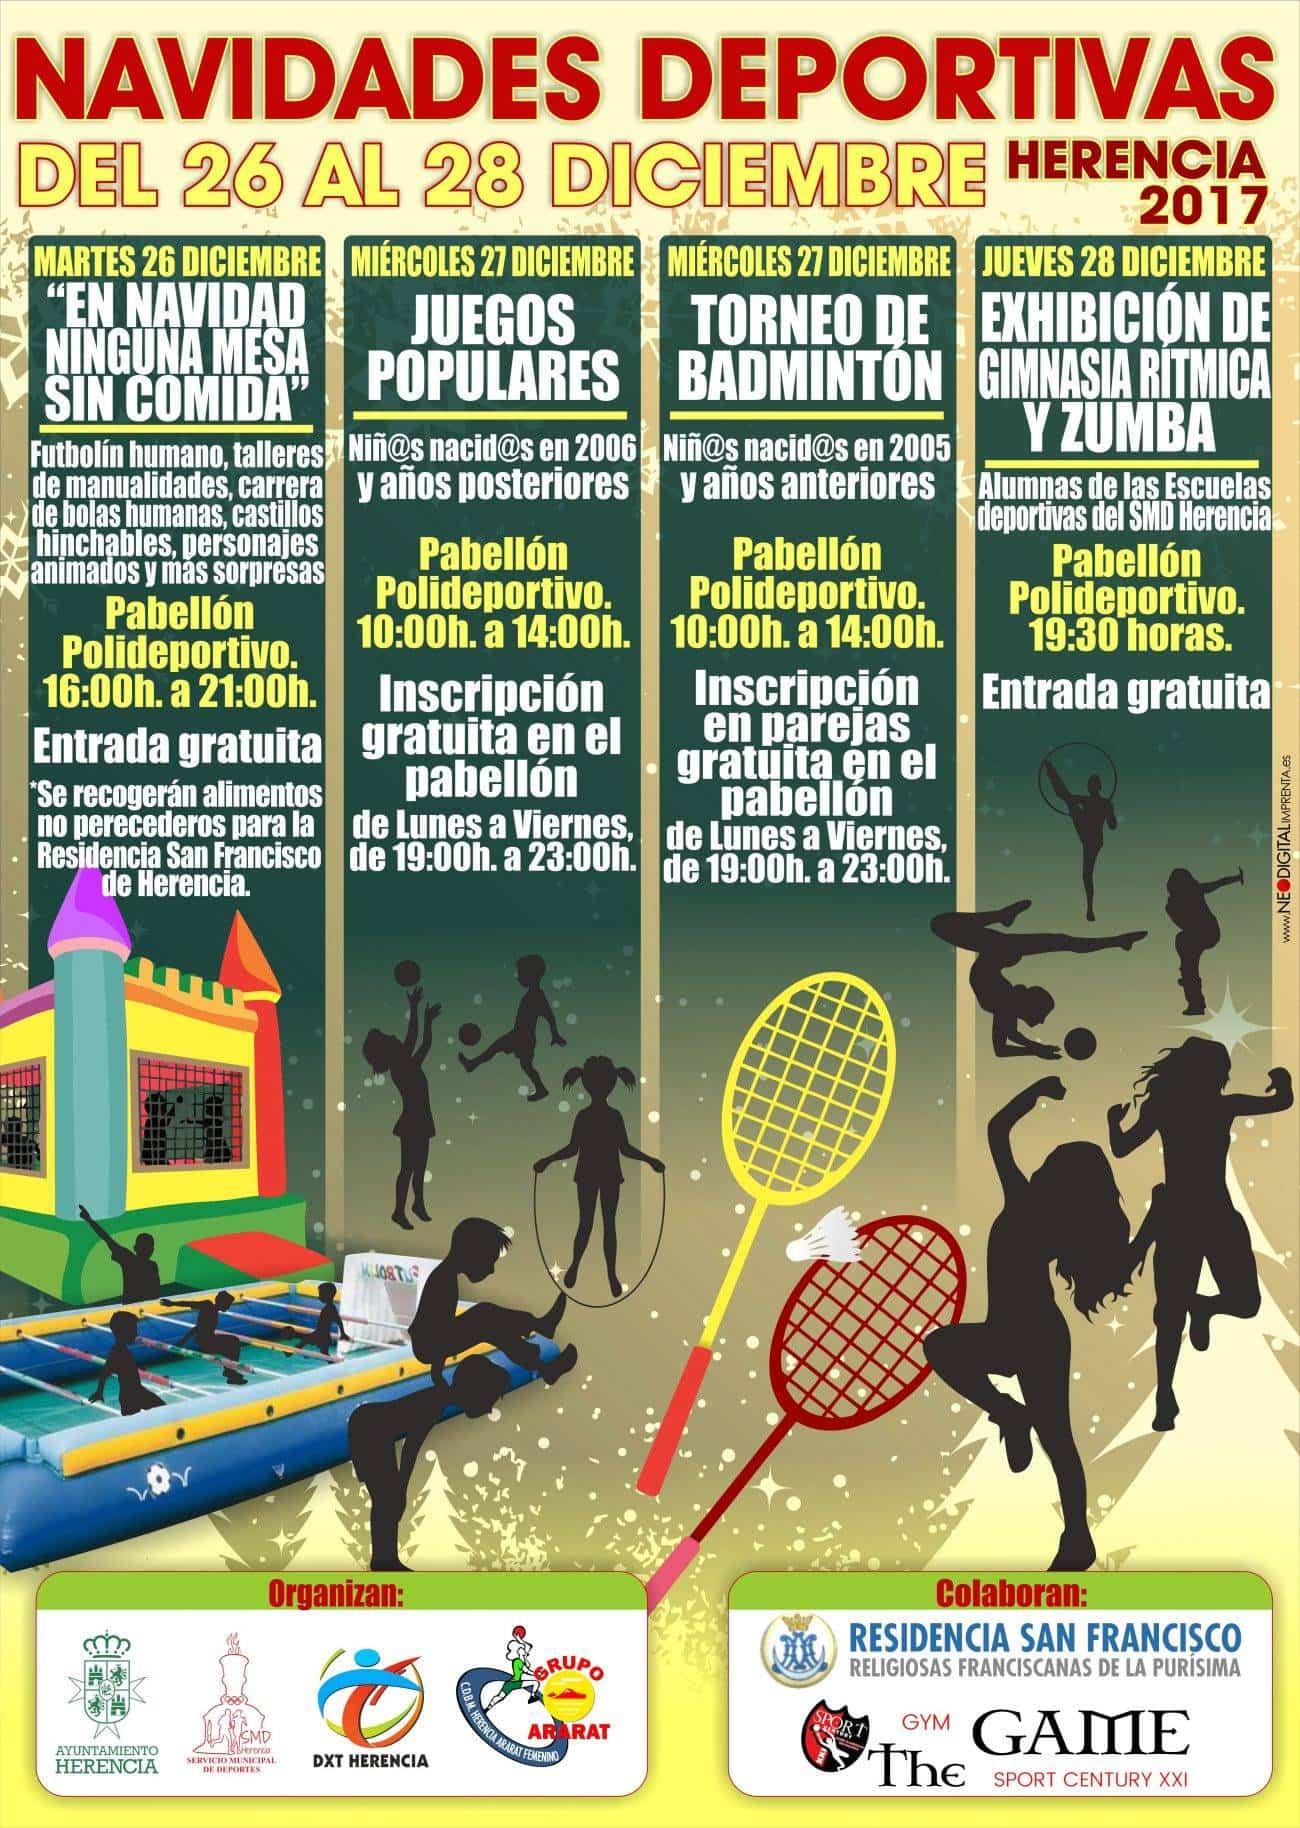 Navidades deportivas en Herencia 3